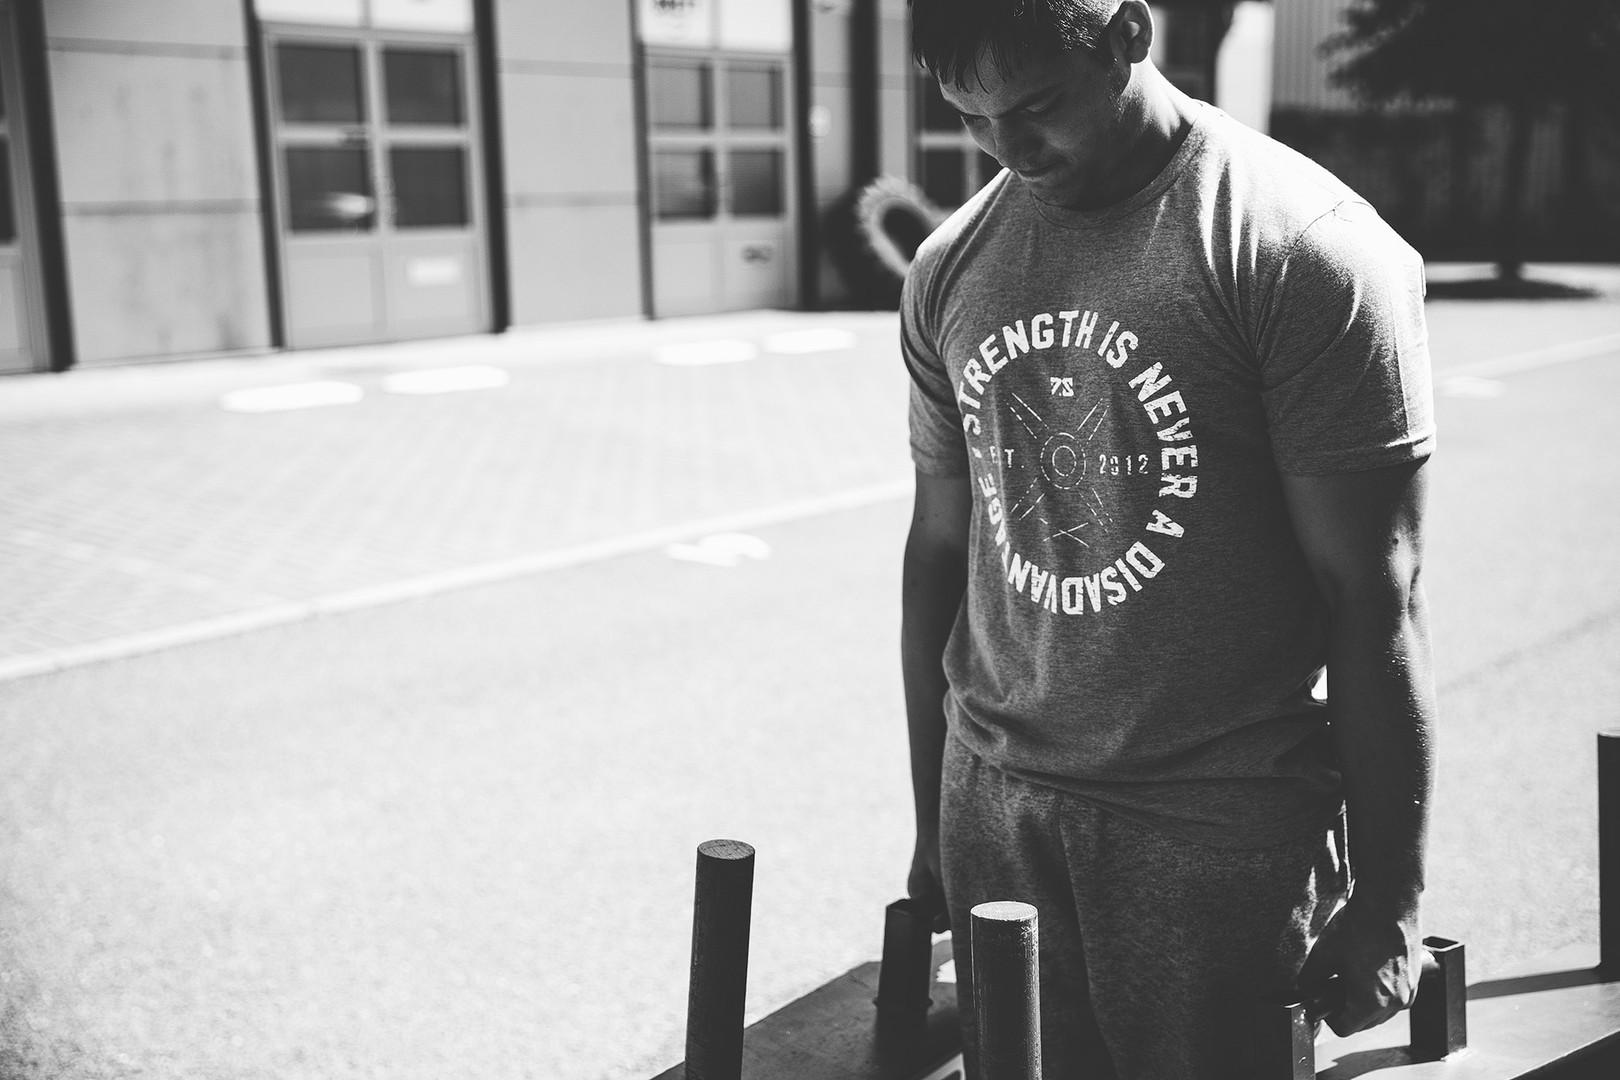 08.11.18-strongman111.jpg